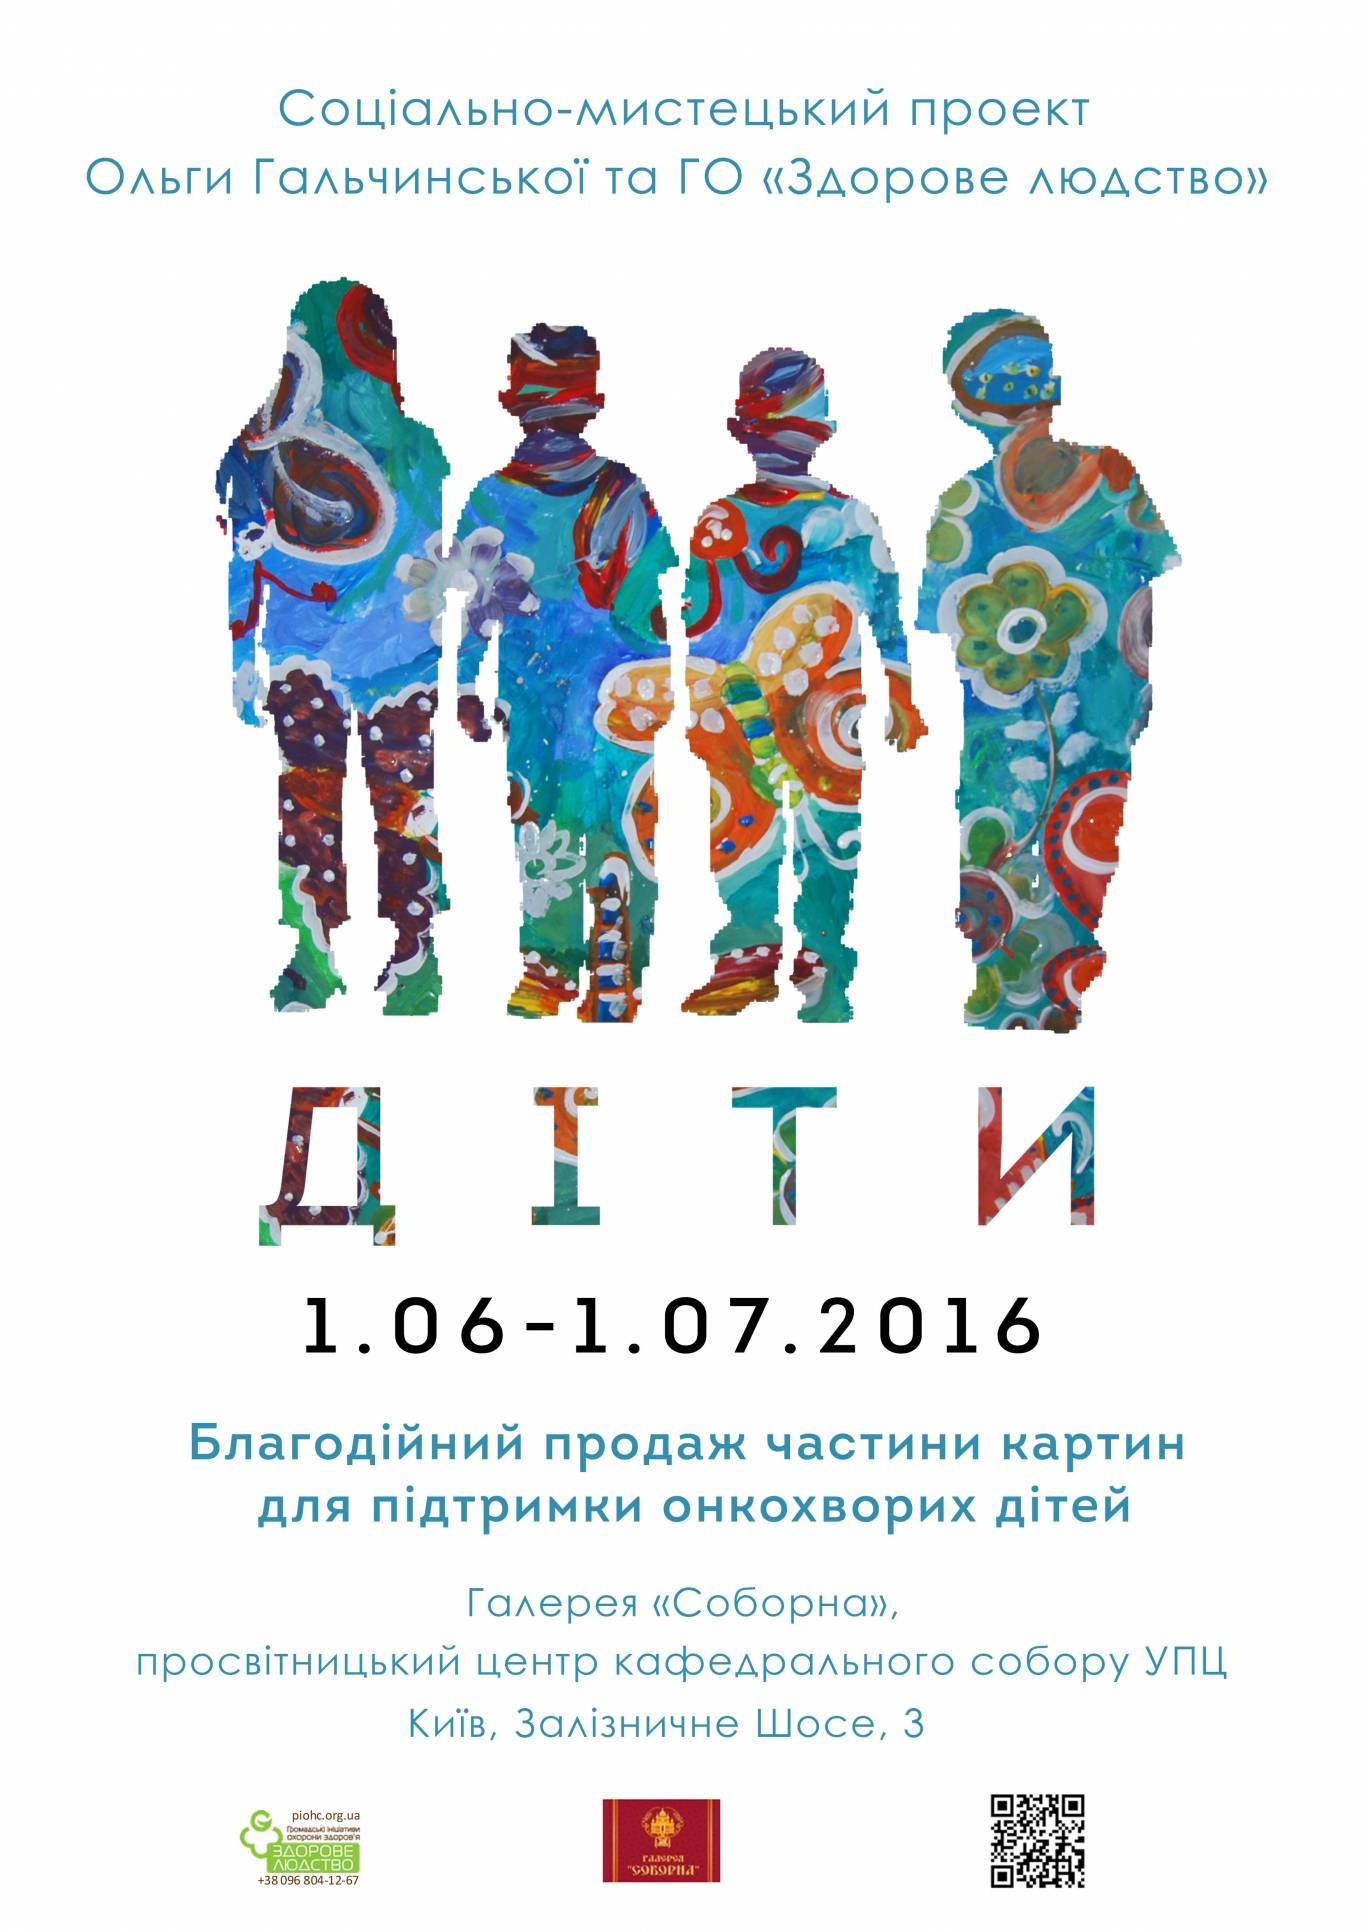 """Виставка картин Ольги Гальчинської в рамках соціально-мистецького проекту """"Діти"""""""